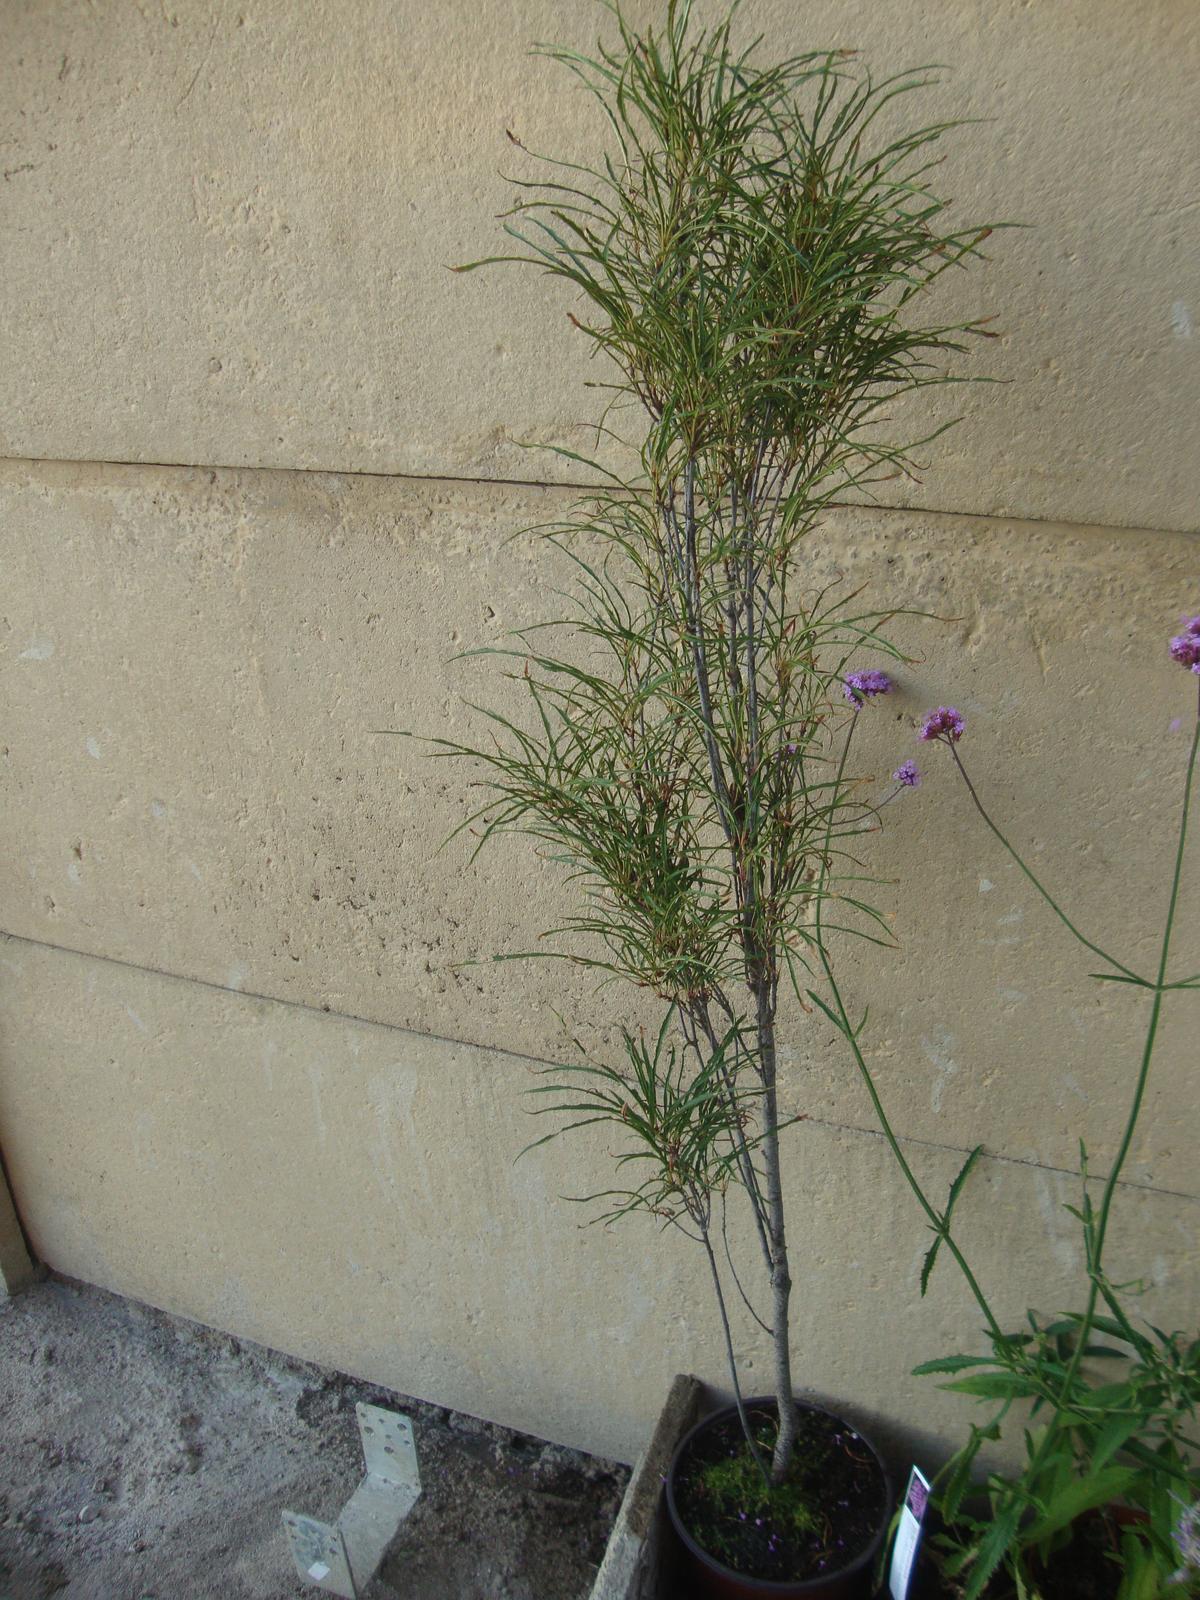 Kytičky - rhamnus fragula